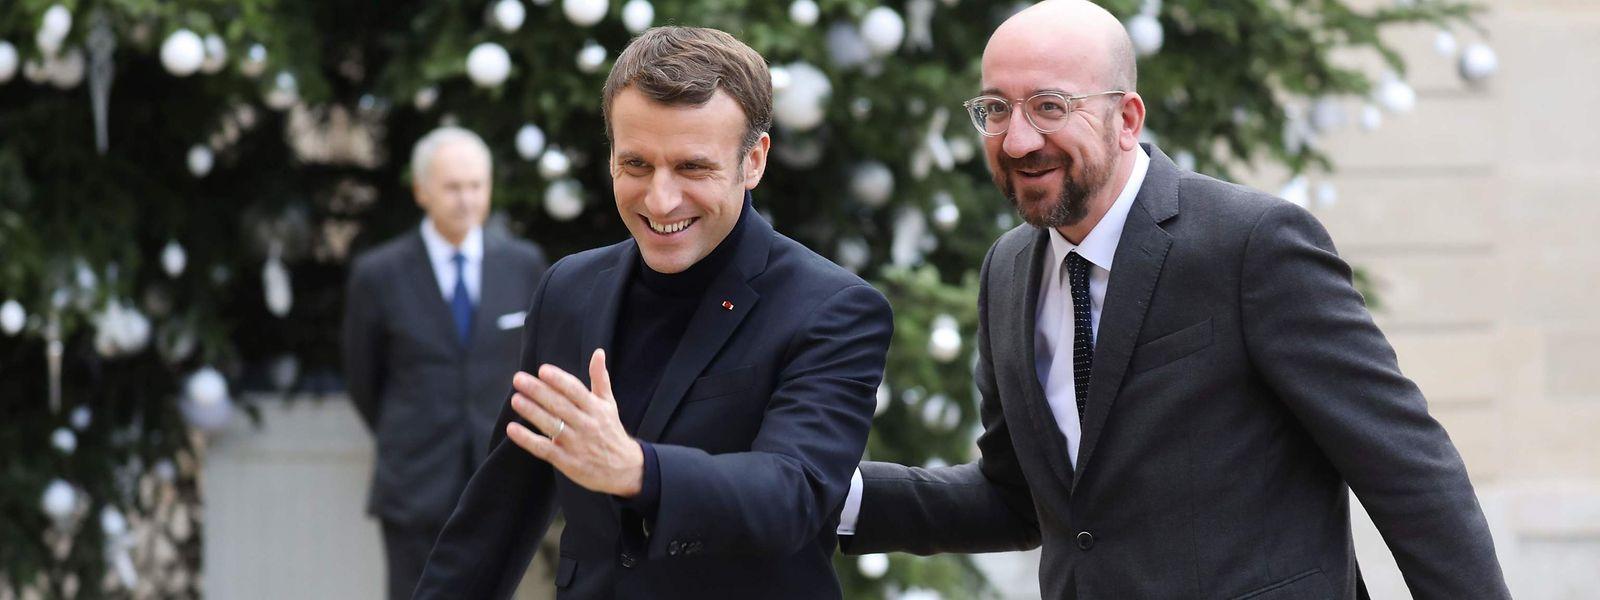 Brüder im Geiste: Der französische Präsident Emmanuel Macron empfing den neuen EU-Ratspräsidenten Charles Michel diese Woche im Élysée-Palast.